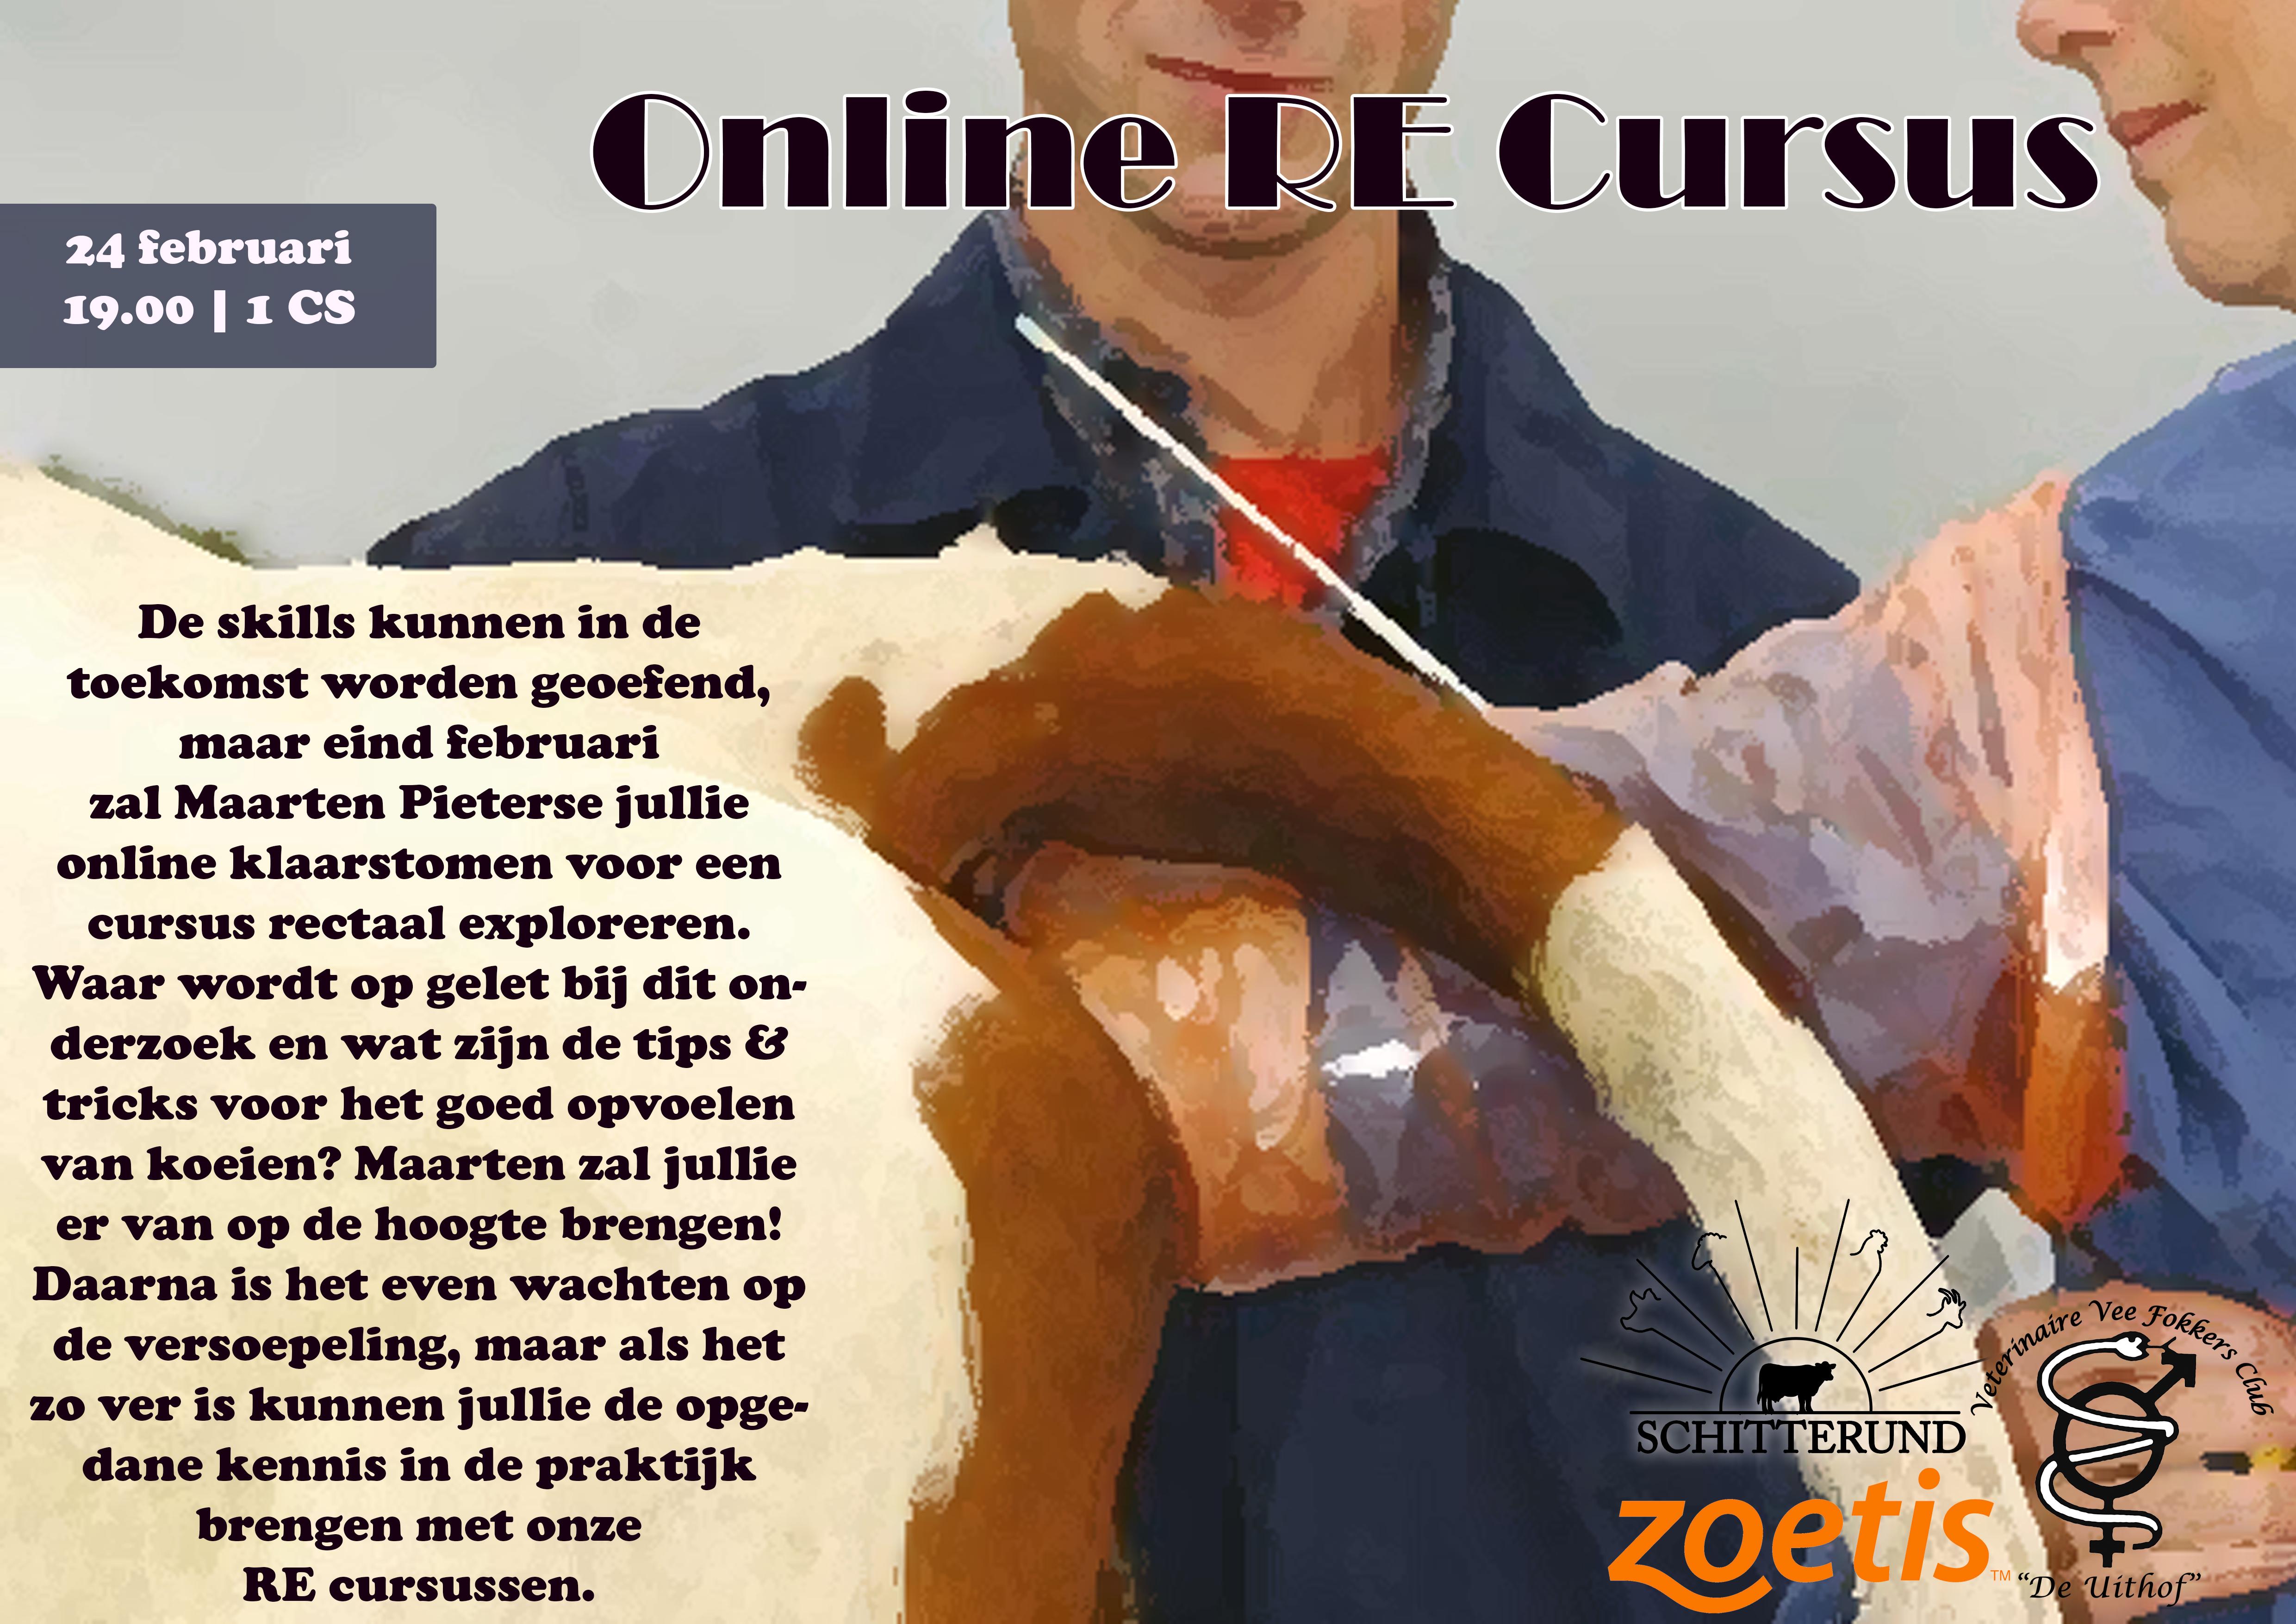 Online RE Cursus